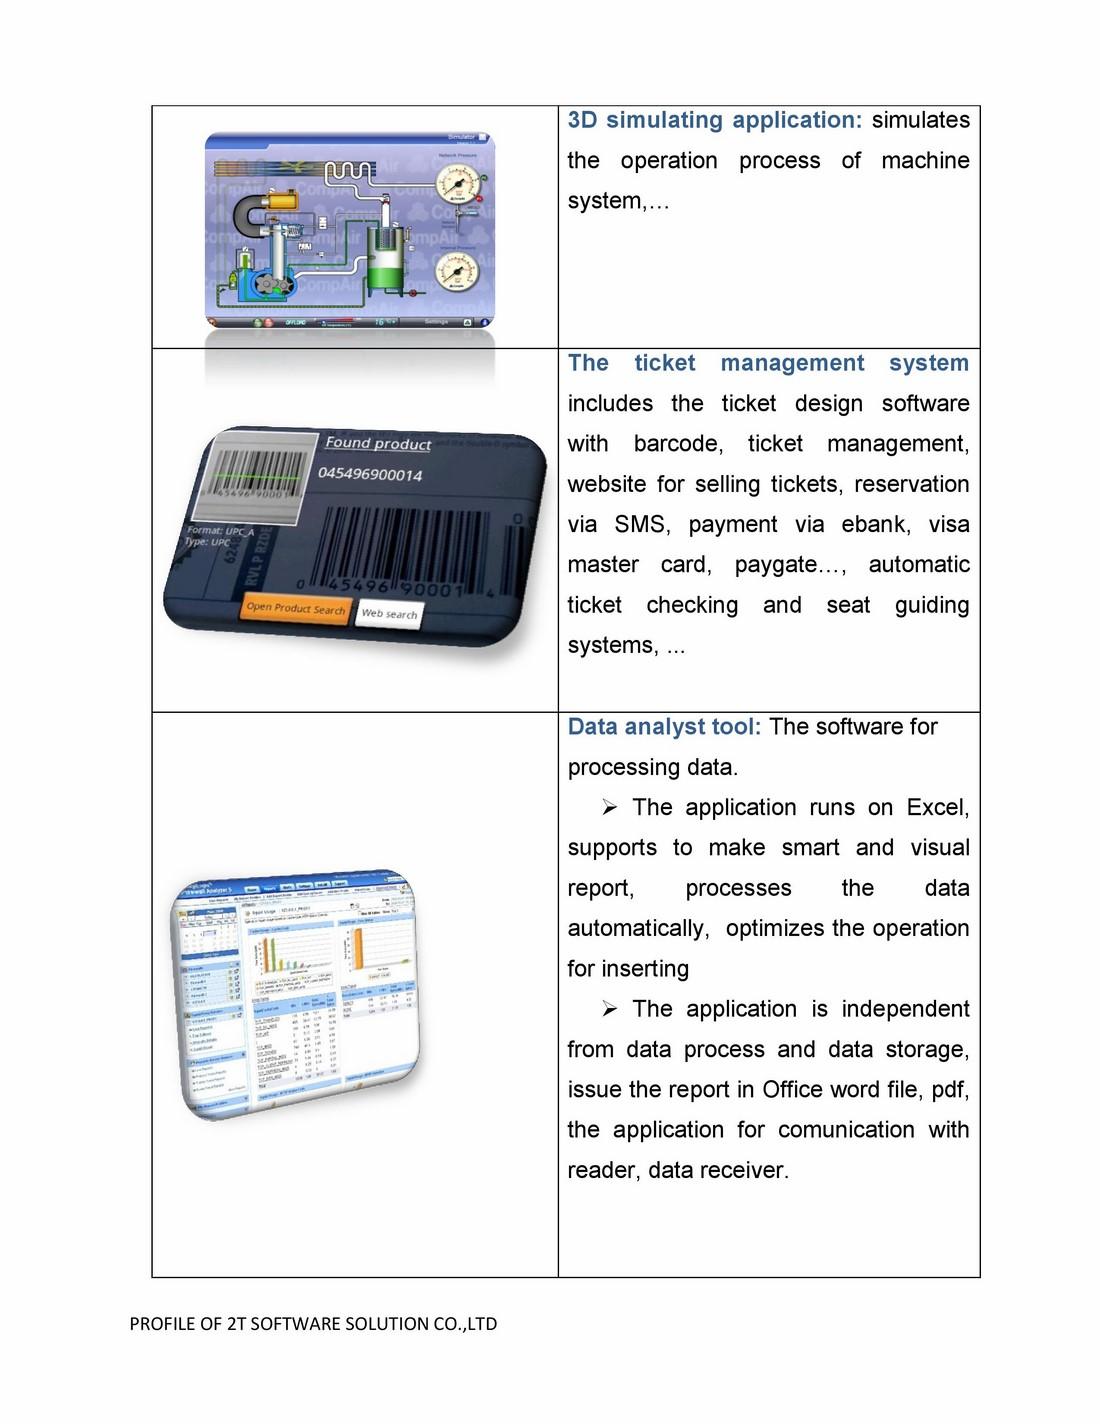 2TS Profile_eng-page-020 (Copy)